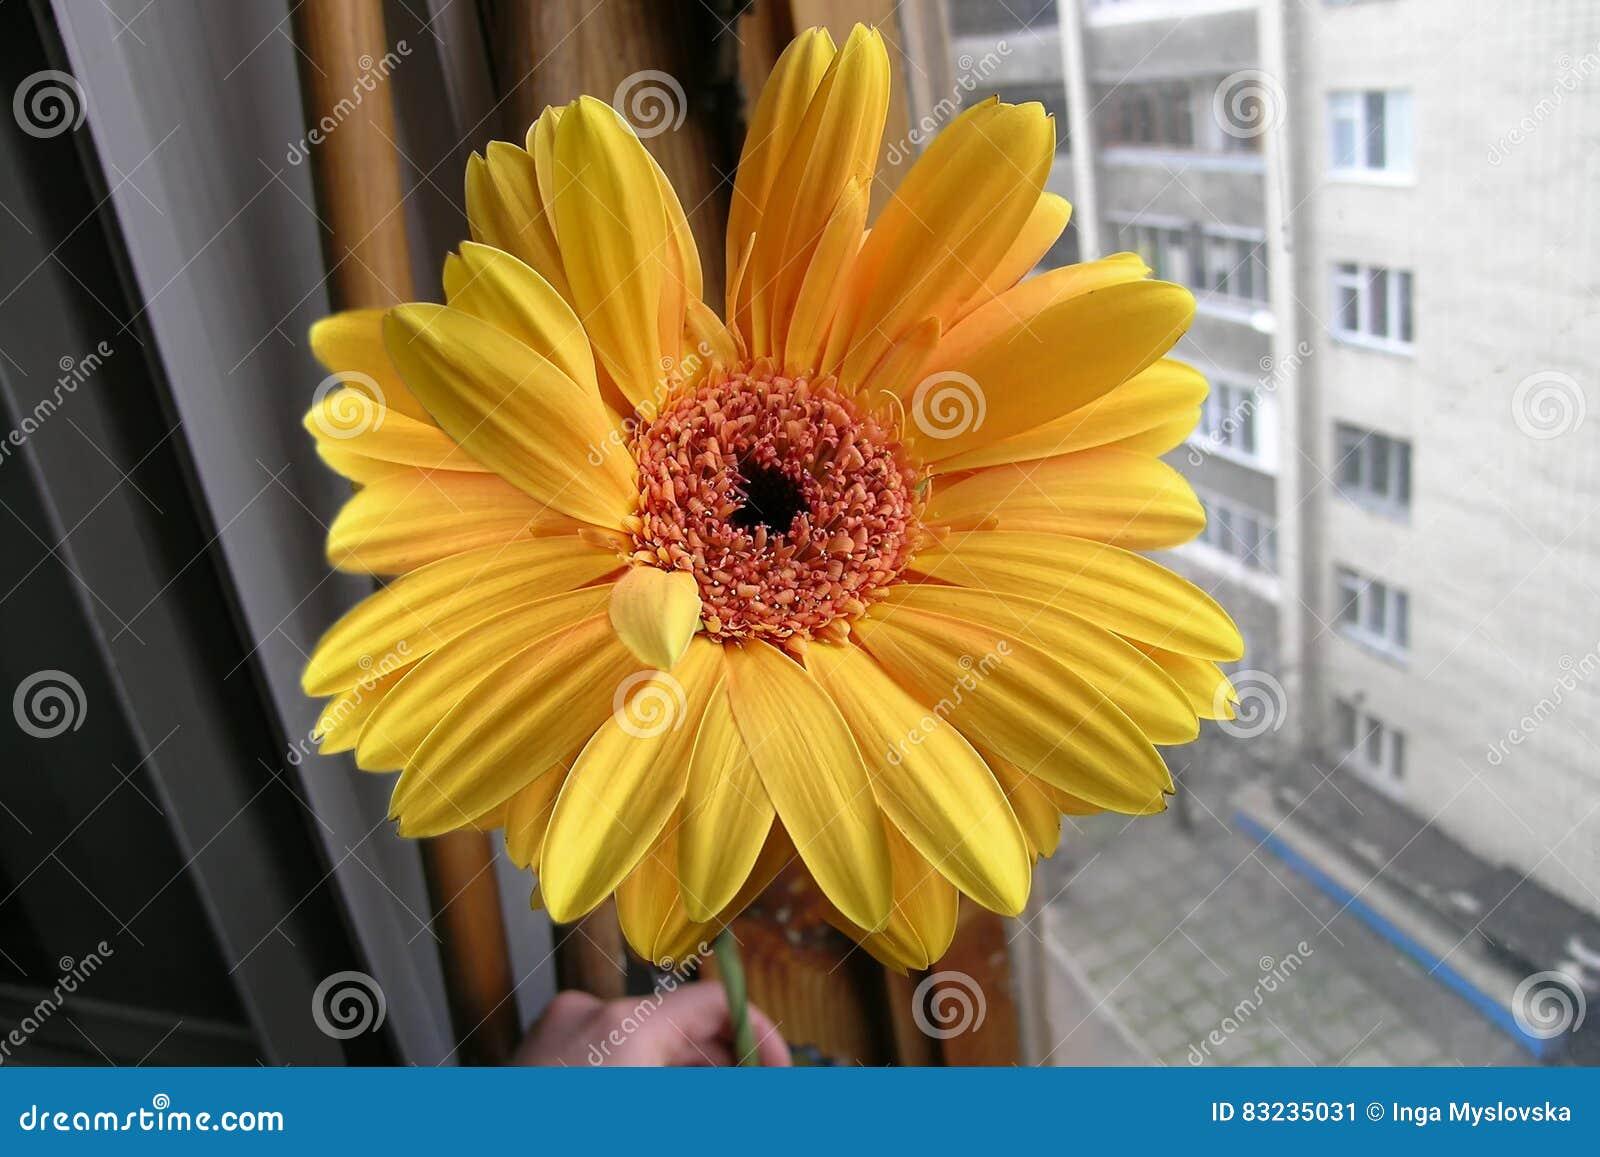 在窗口的橙黄大丁草